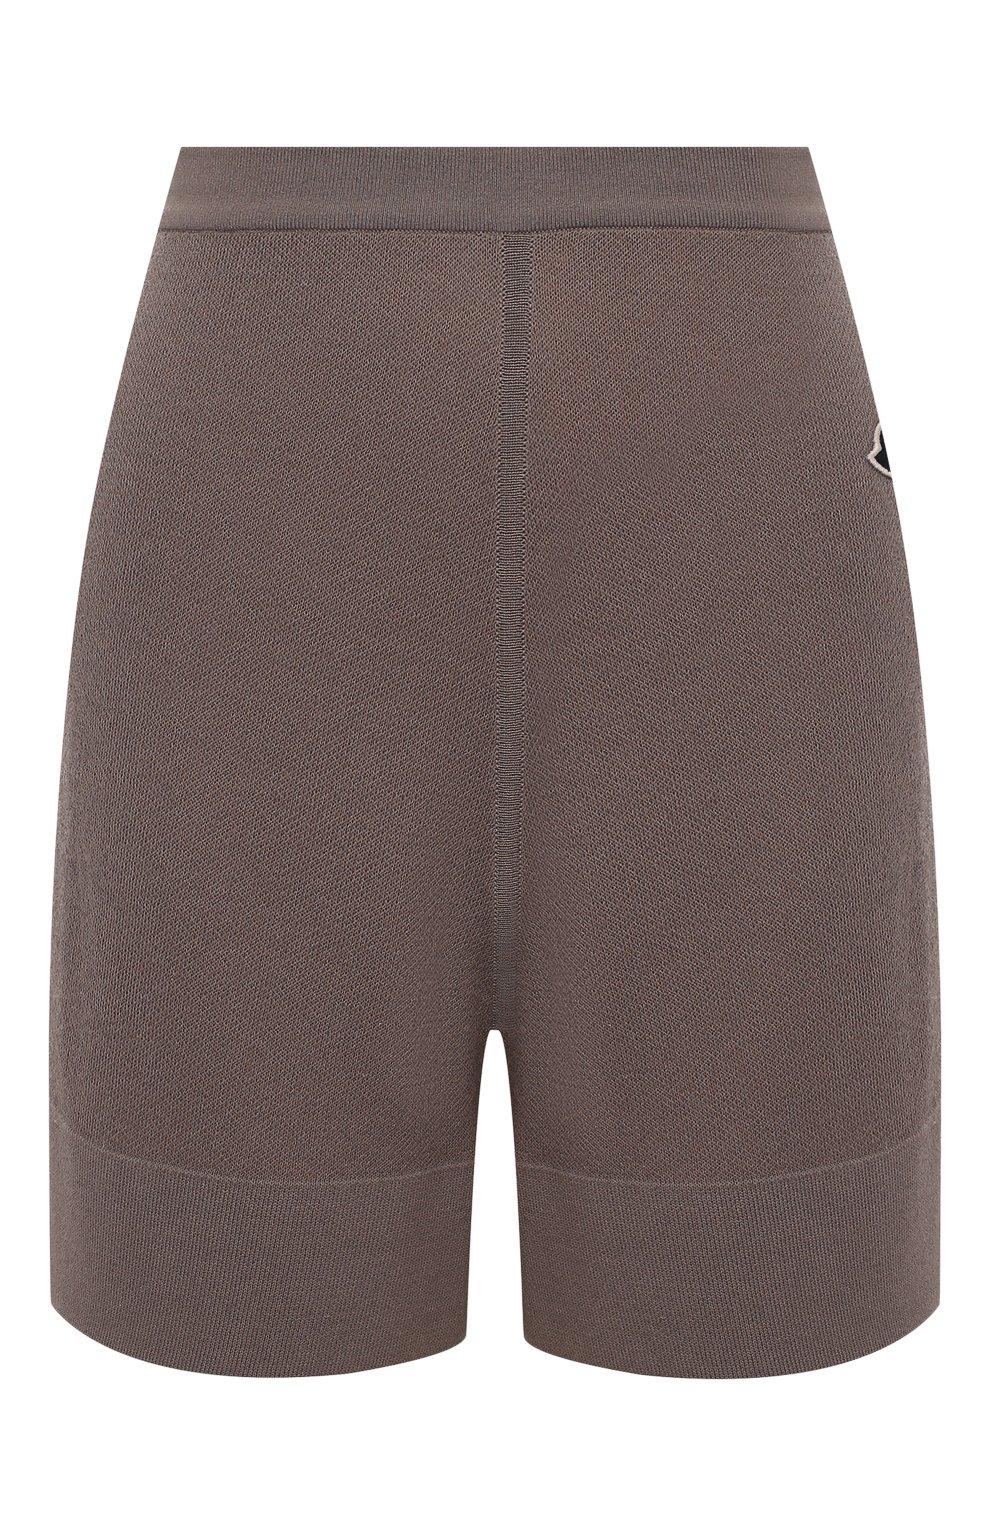 Женские шорты rick owens + moncler RICK OWENS серого цвета, арт. MU20F0019/A9454 | Фото 1 (Женское Кросс-КТ: Шорты-одежда; Материал внешний: Шерсть, Кашемир, Хлопок; Длина Ж (юбки, платья, шорты): Мини)